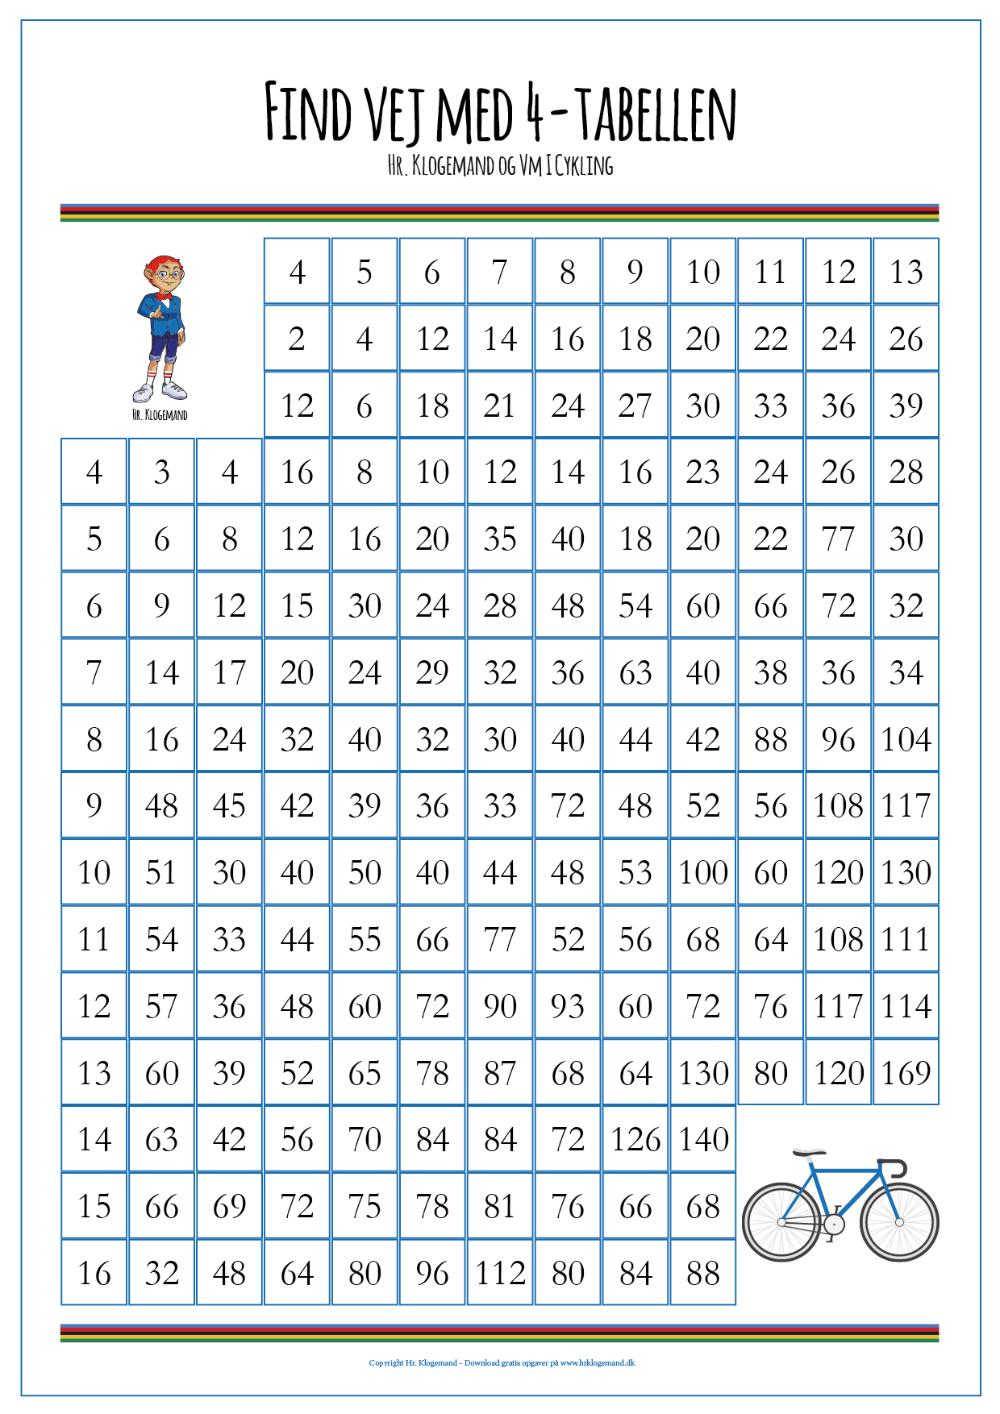 Hr Klogemand Og Vm I Cykling Find Vej Med 4 Tabellen I 2020 Laering Undervisning Matematik